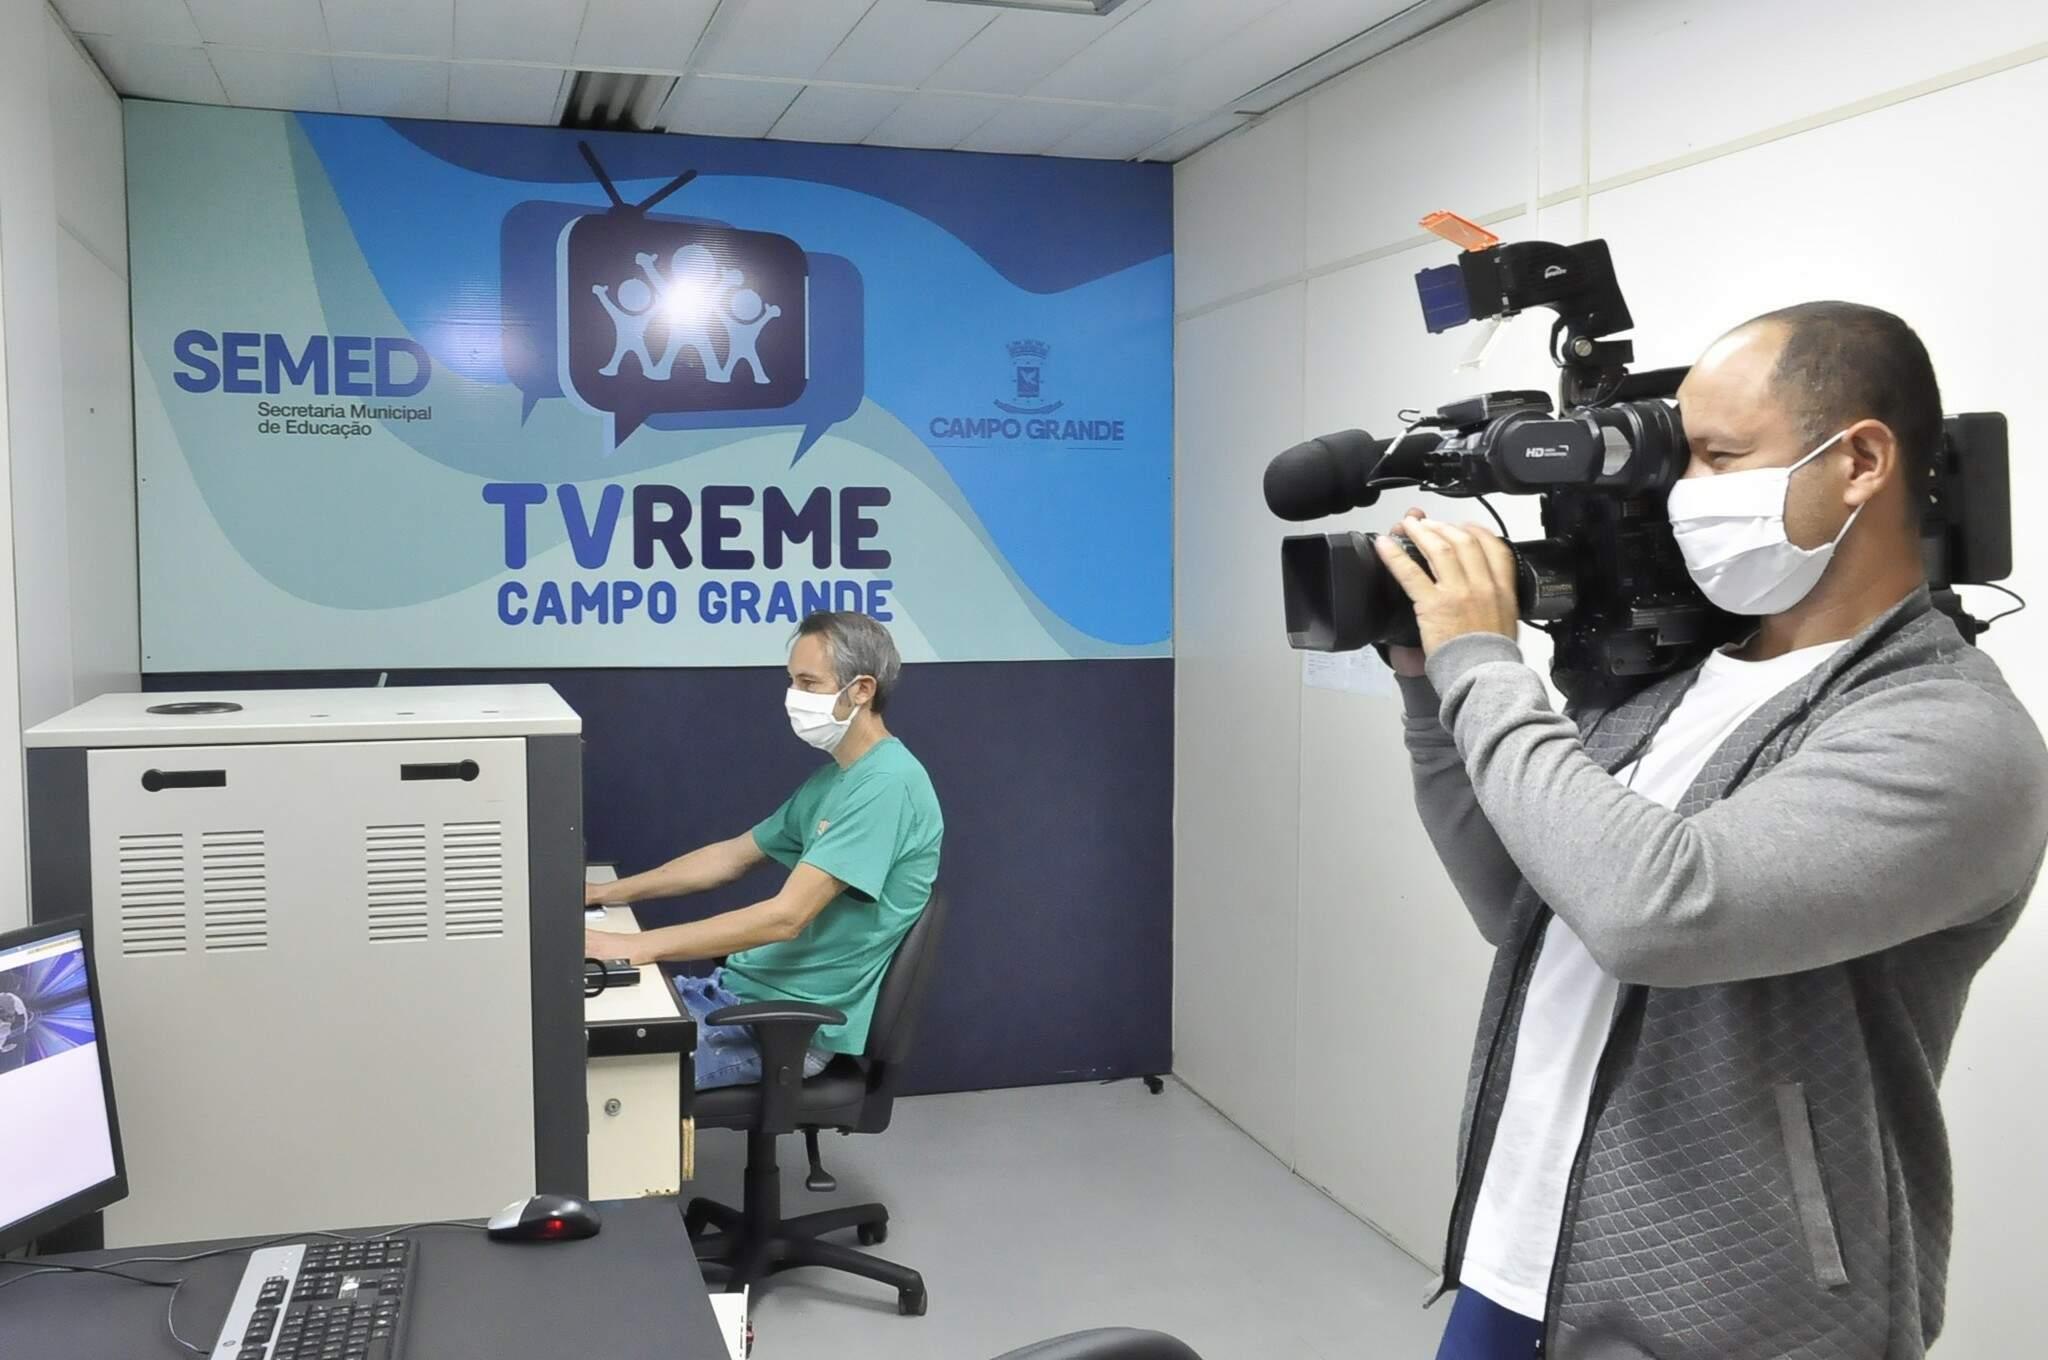 Estúdio da TV Reme, de onde são veiculados conteúdos para aulas remotas. (Foto: Divulgação)